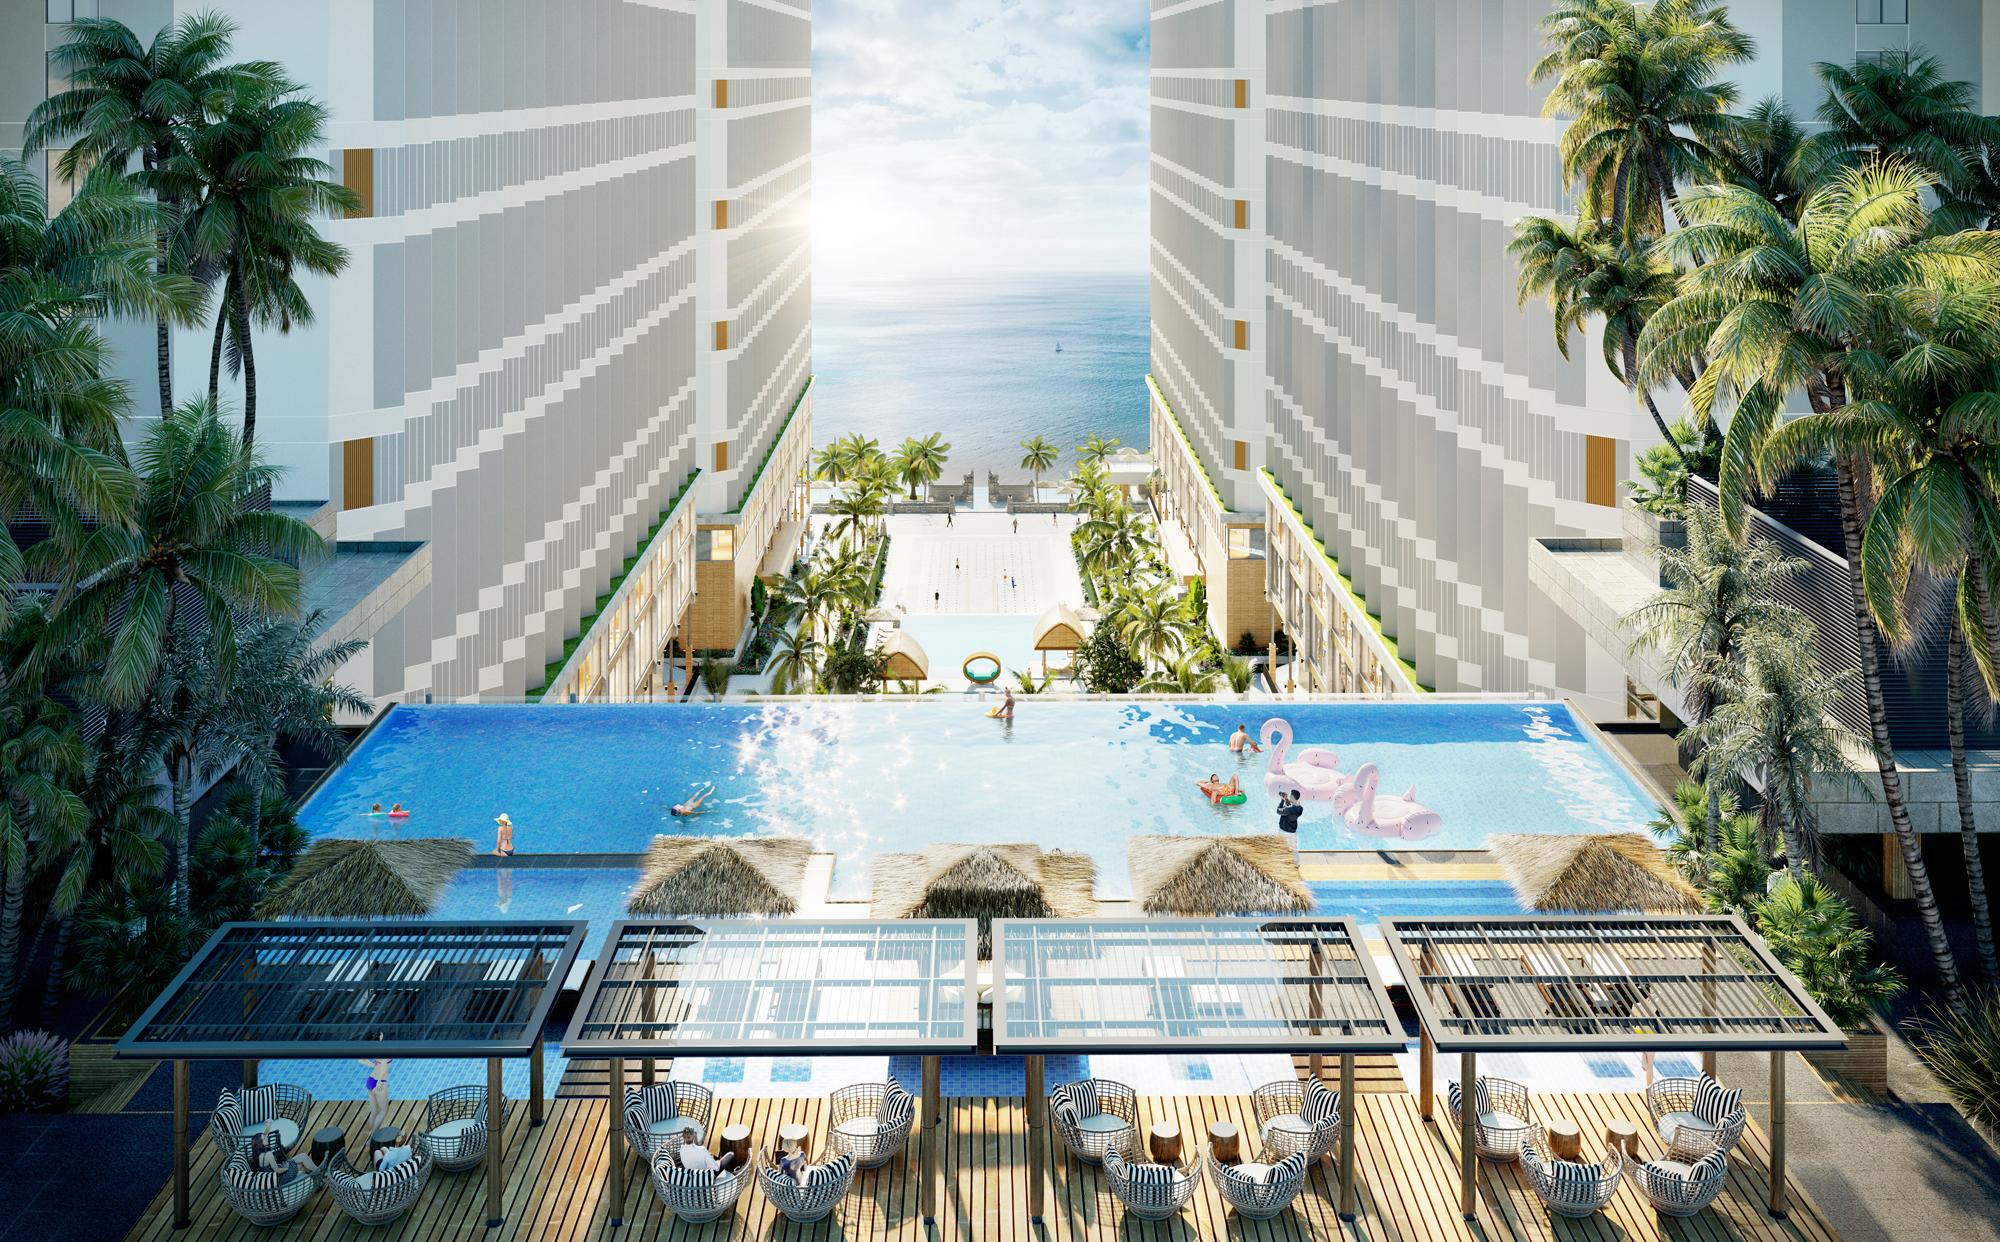 Lý do Apec Mandala Holiday - Sản phẩm kỳ nghỉ lãi suất 10% hấp dẫn giới đầu tư